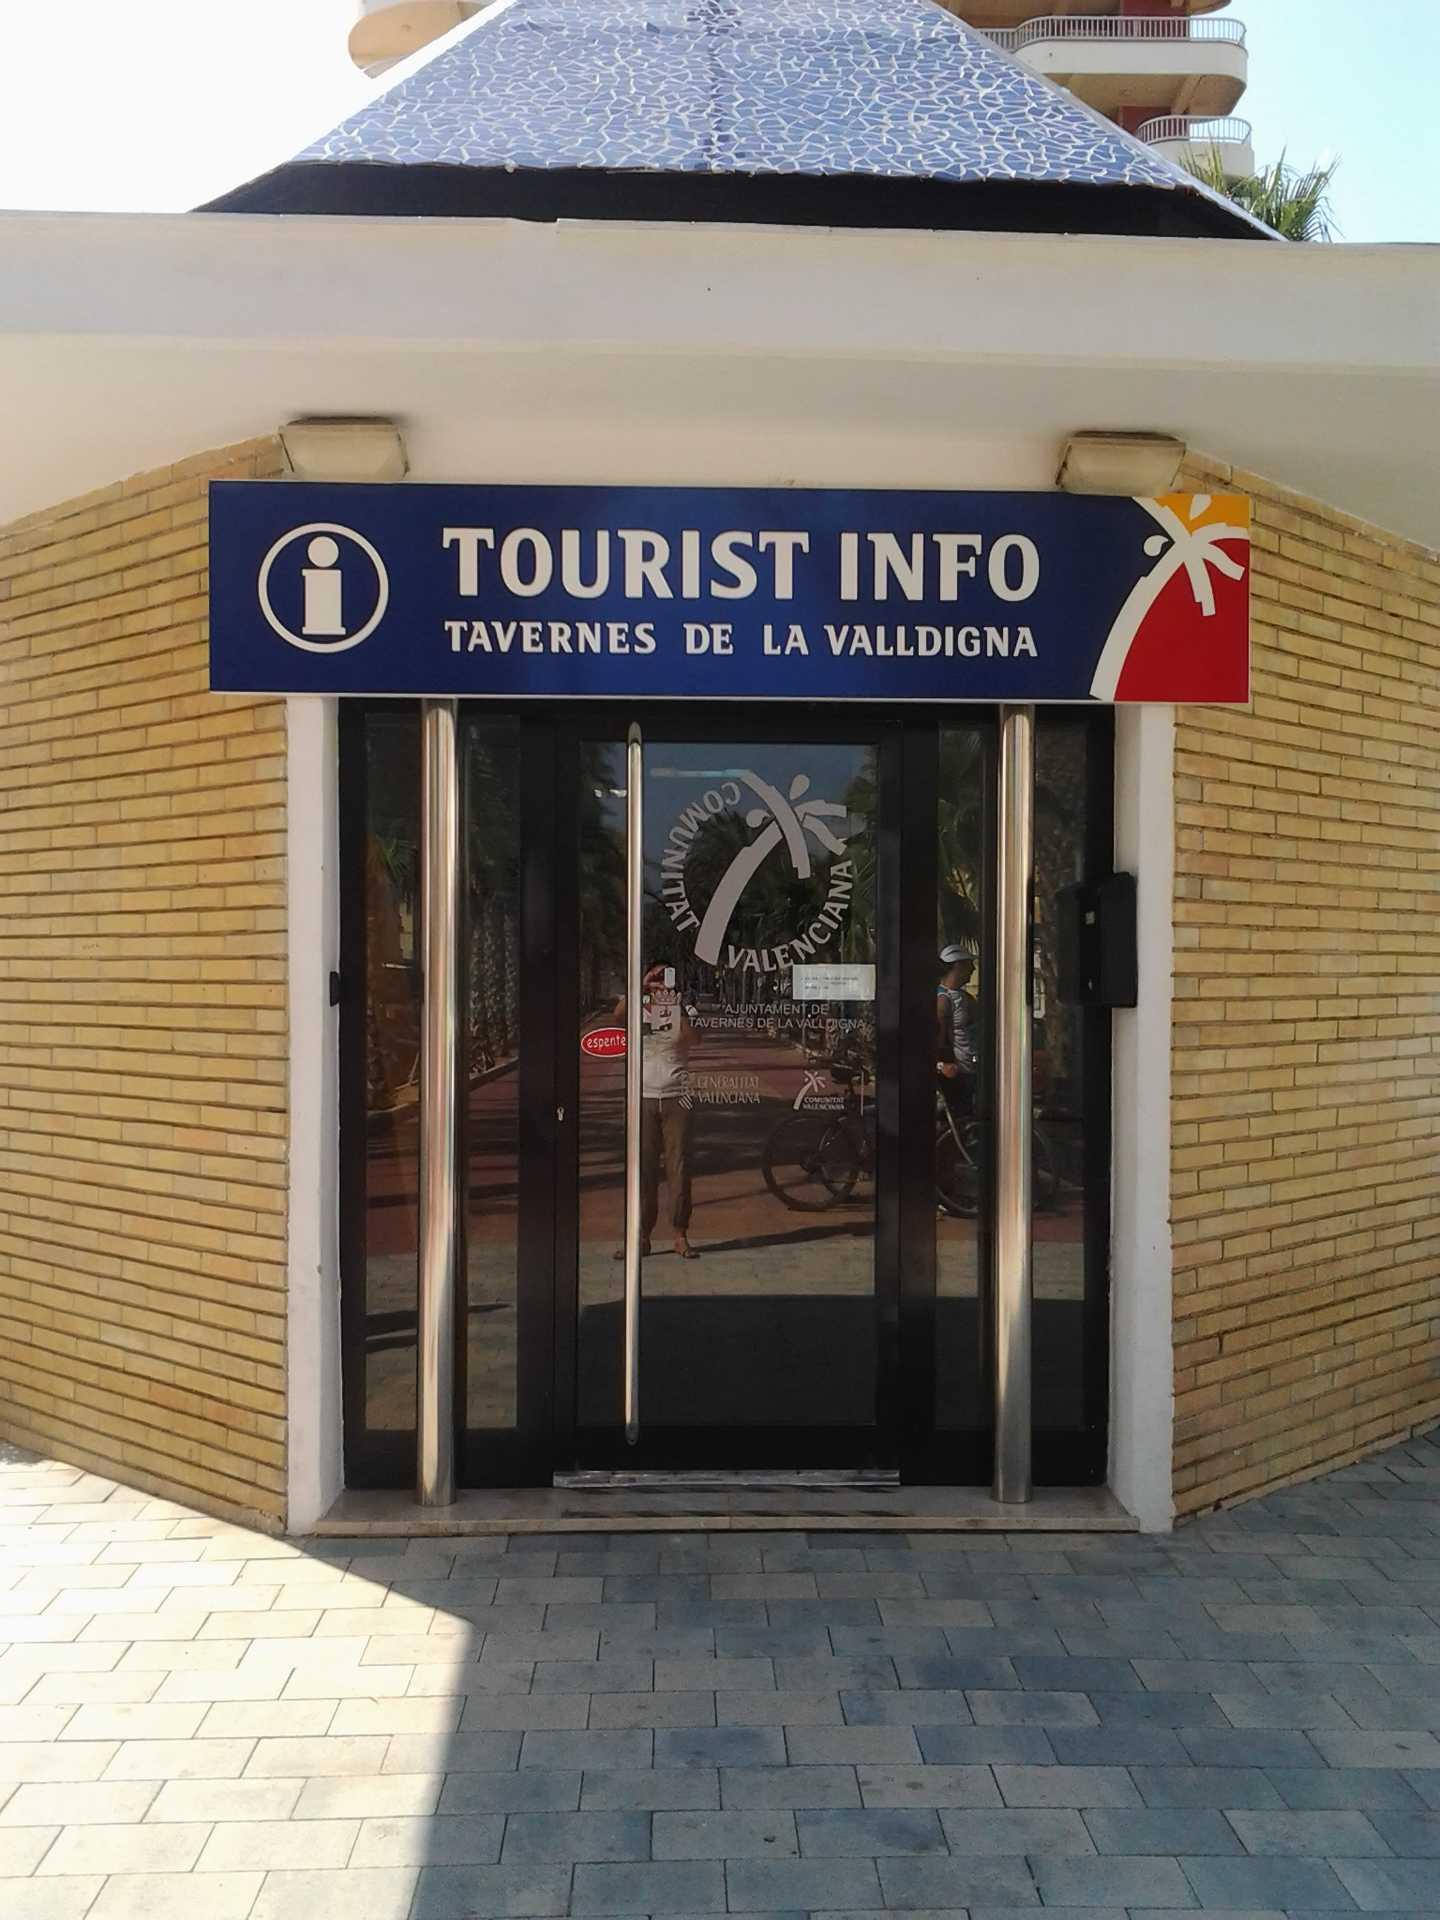 TOURIST INFO TAVERNES DE LA VALLDIGNA